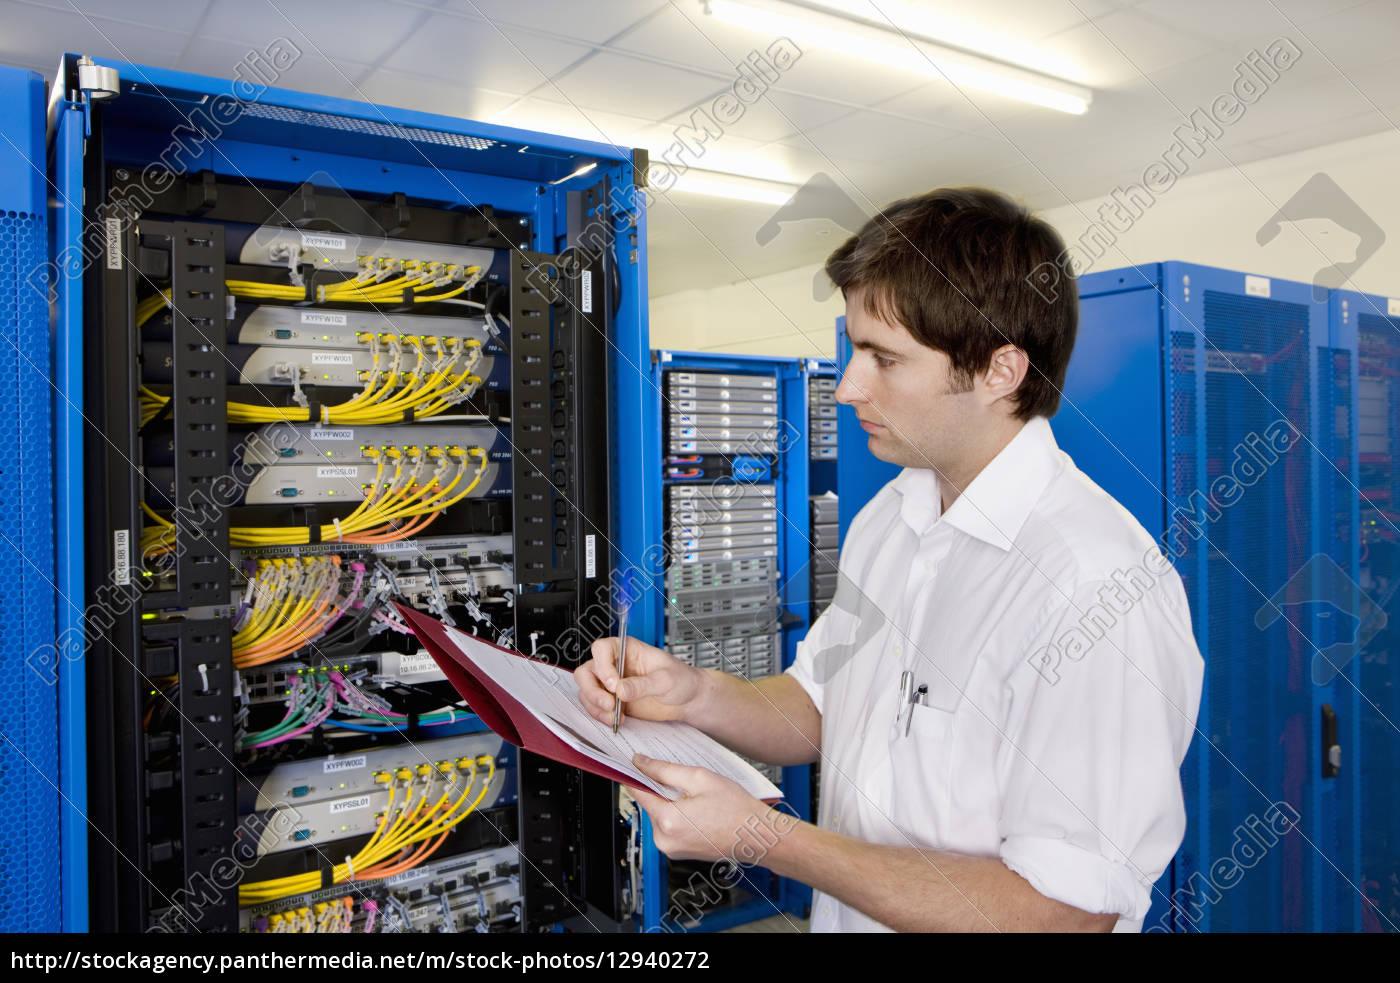 It techniker mit ordner kontrolle netzwerk server for Ict techniker